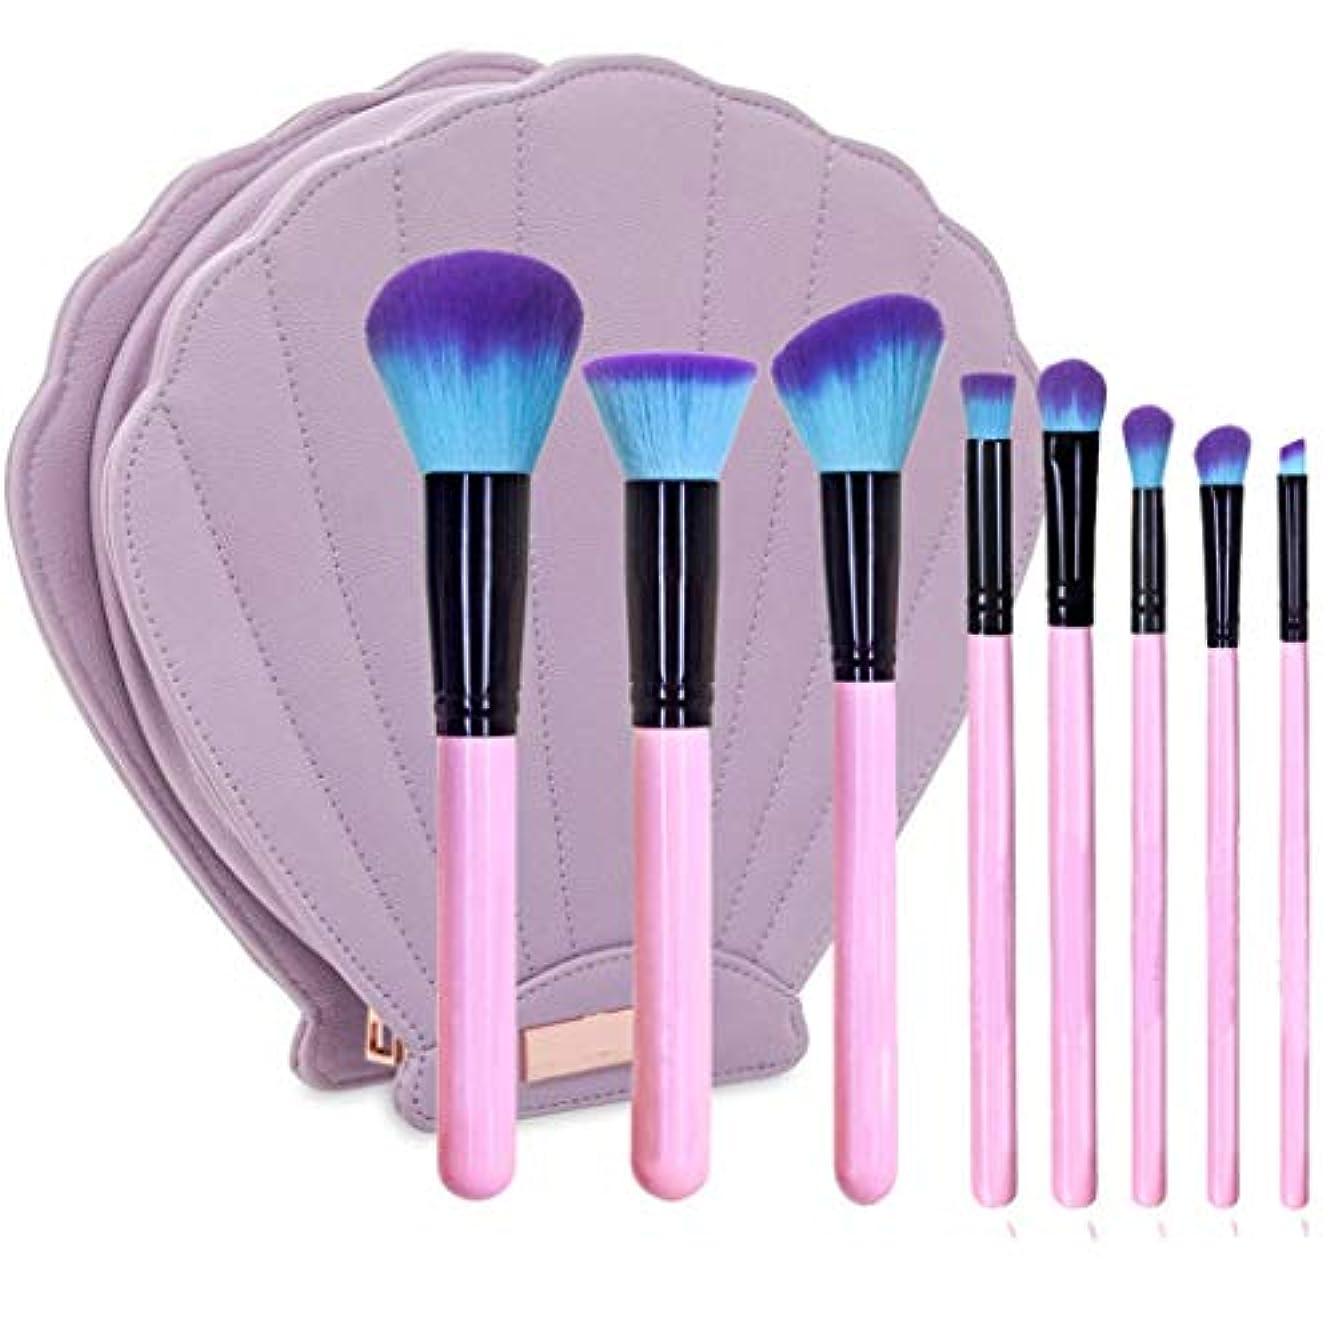 絞る気怠いベジタリアン10シェルバッグ化粧ブラシブルーパープルジッパーバッグセットフルセットの化粧道具,Pink